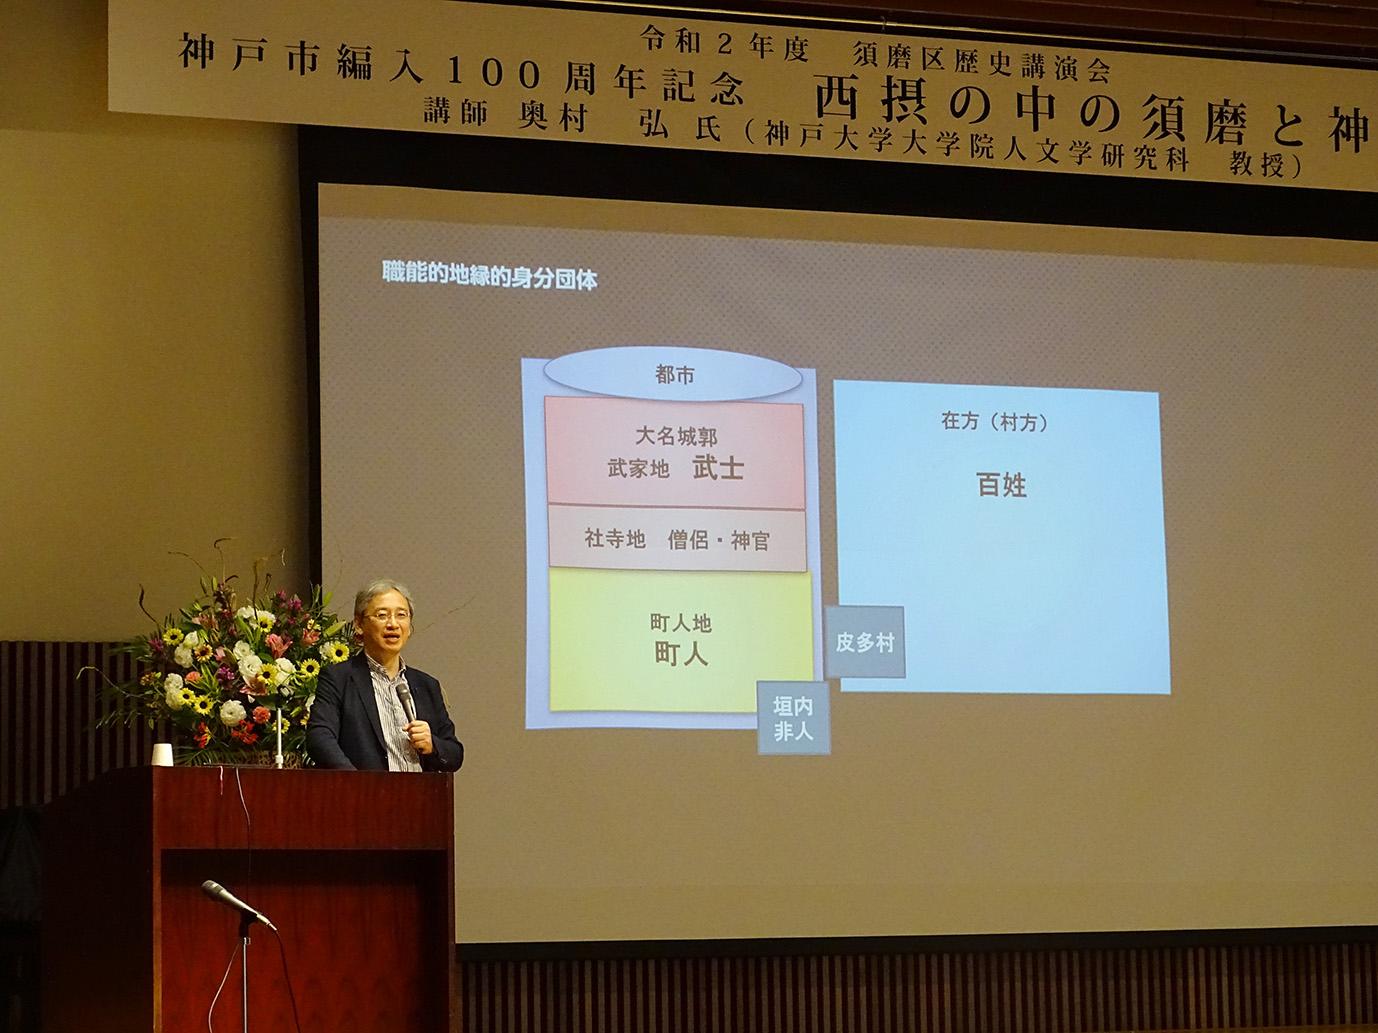 記事 須磨区歴史講演会のアイキャッチ画像